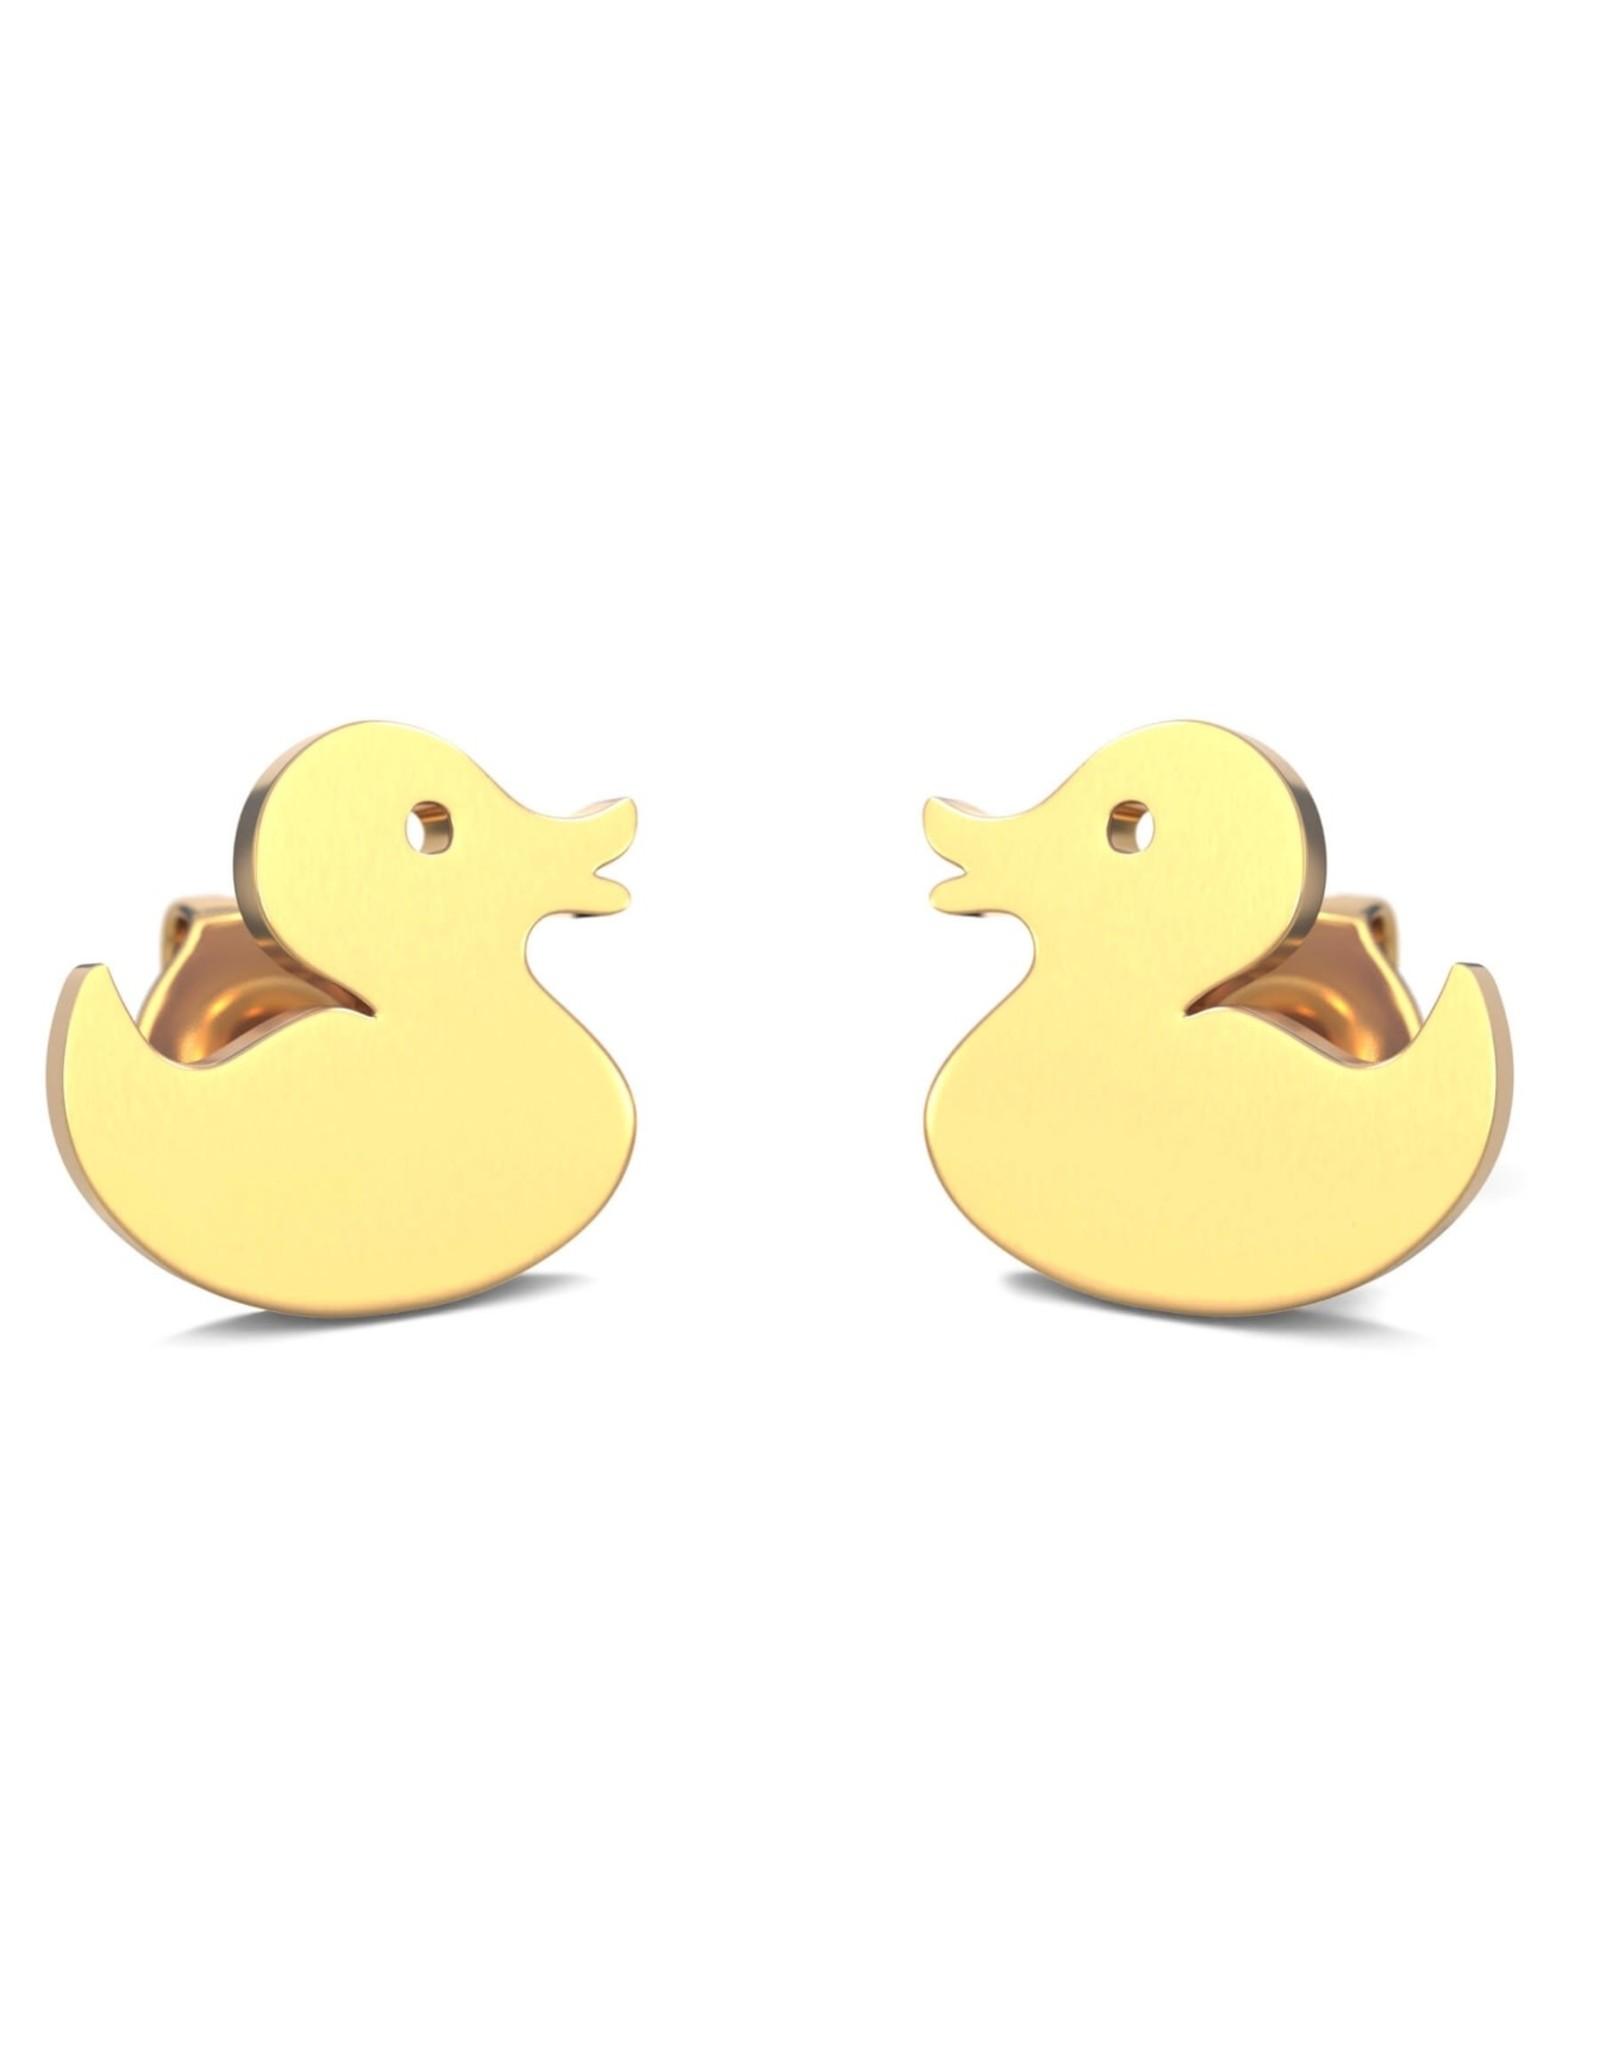 Boucles d'oreilles en forme de canard - or